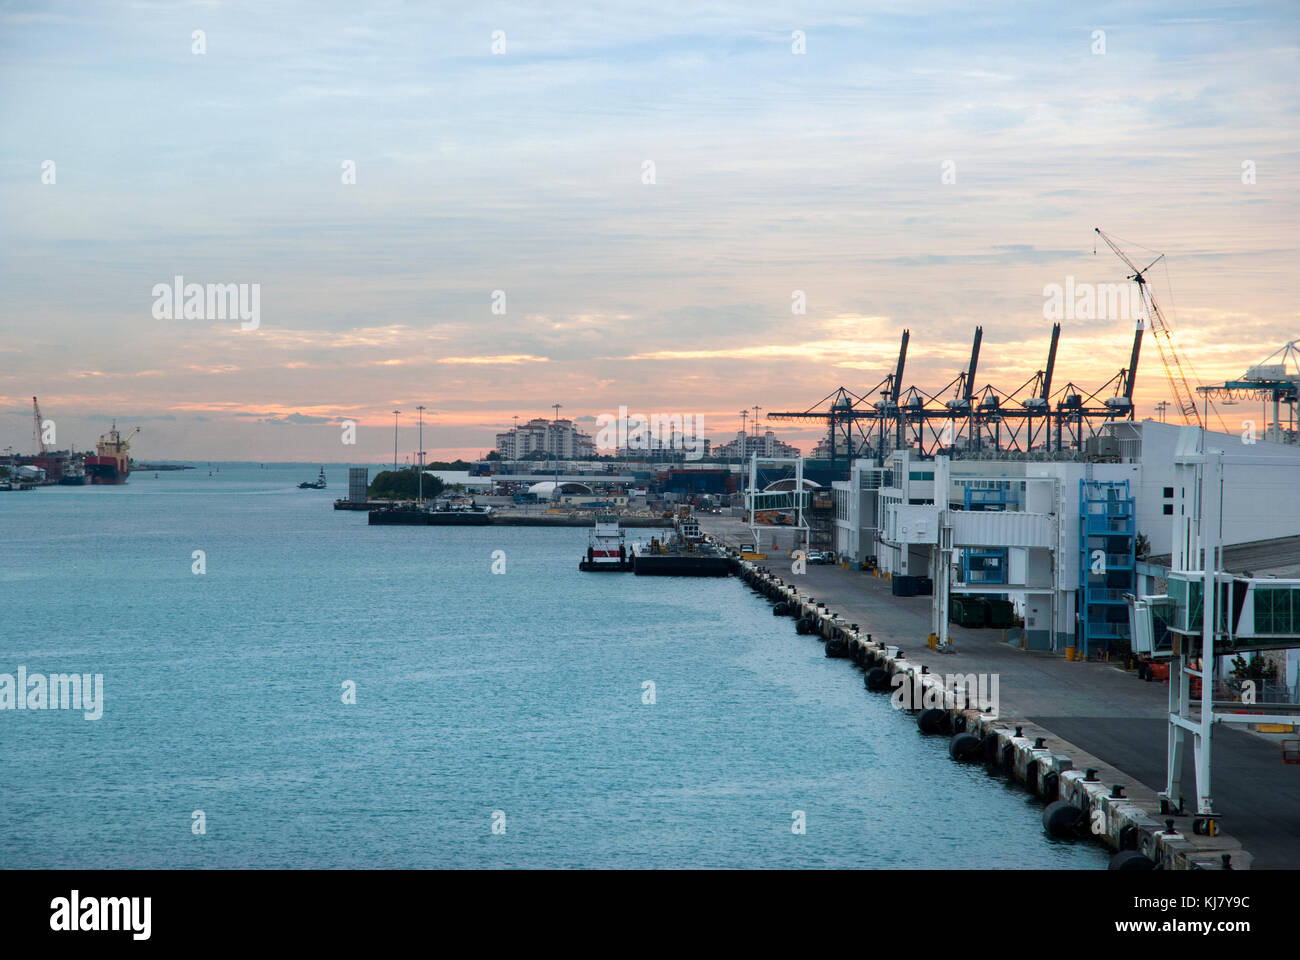 Miami Cruise Terminal Stock Photos Miami Cruise Terminal Stock - Miami cruise ship terminal